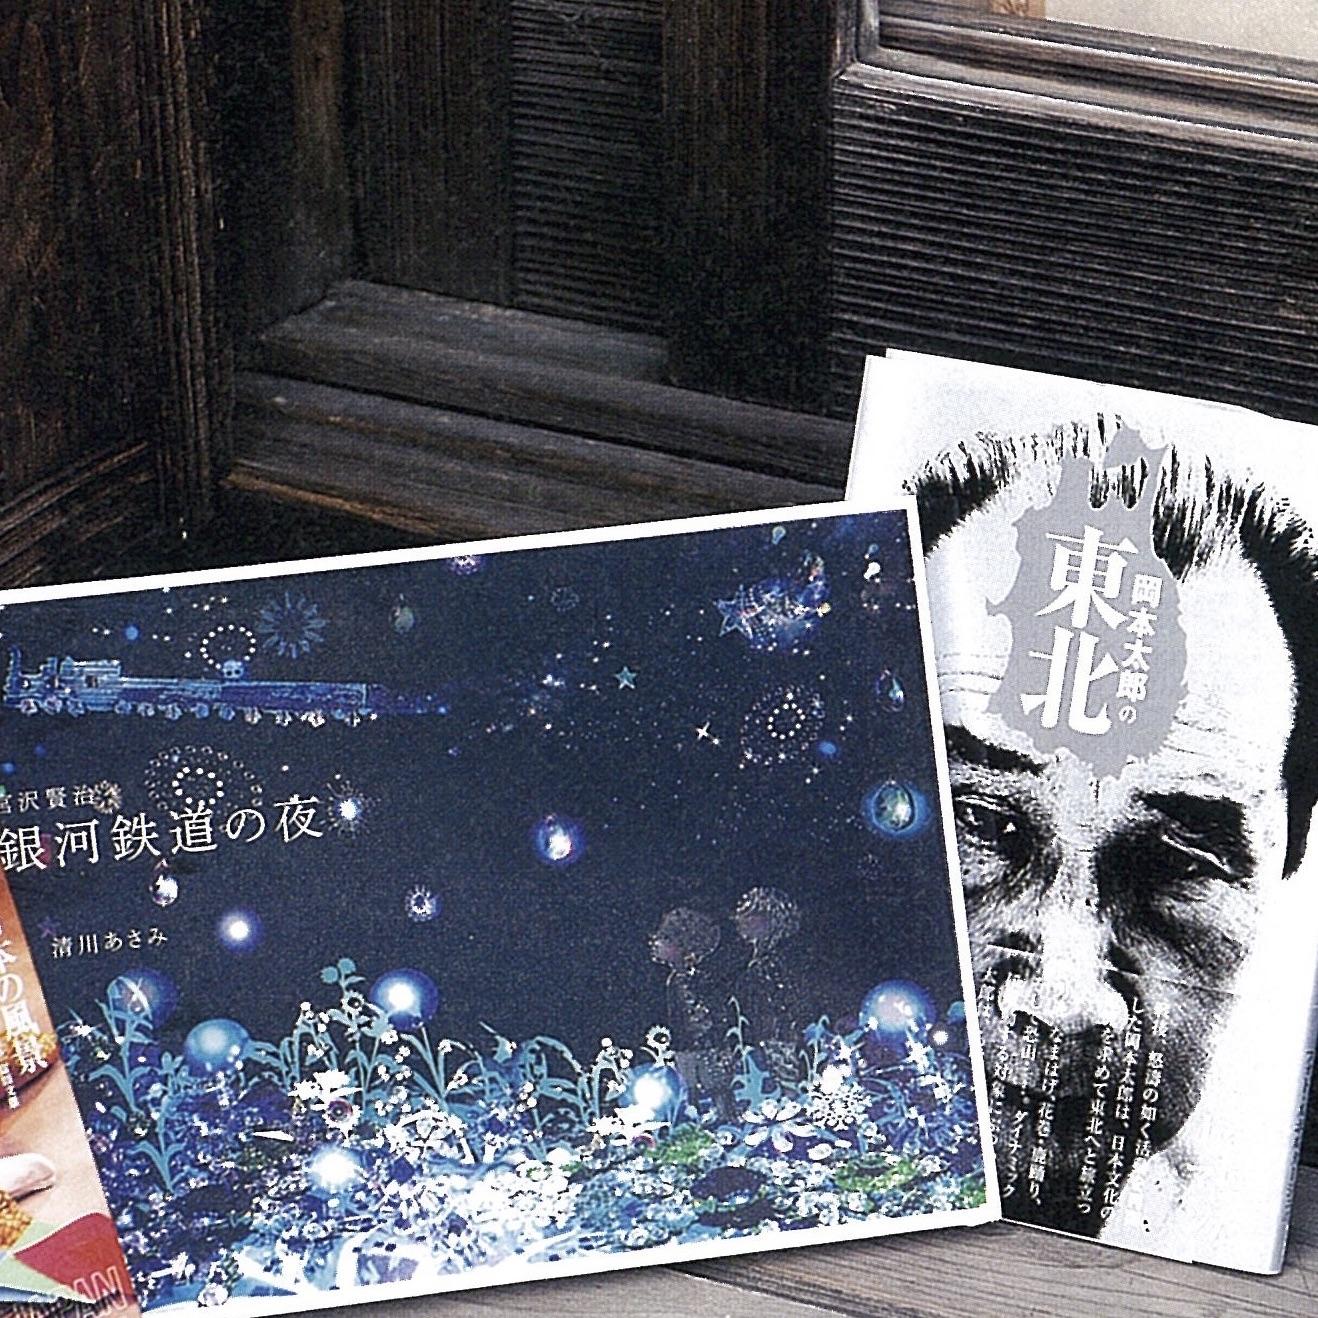 あの日から7年…今、東北地方に思いを馳せる3冊の本。